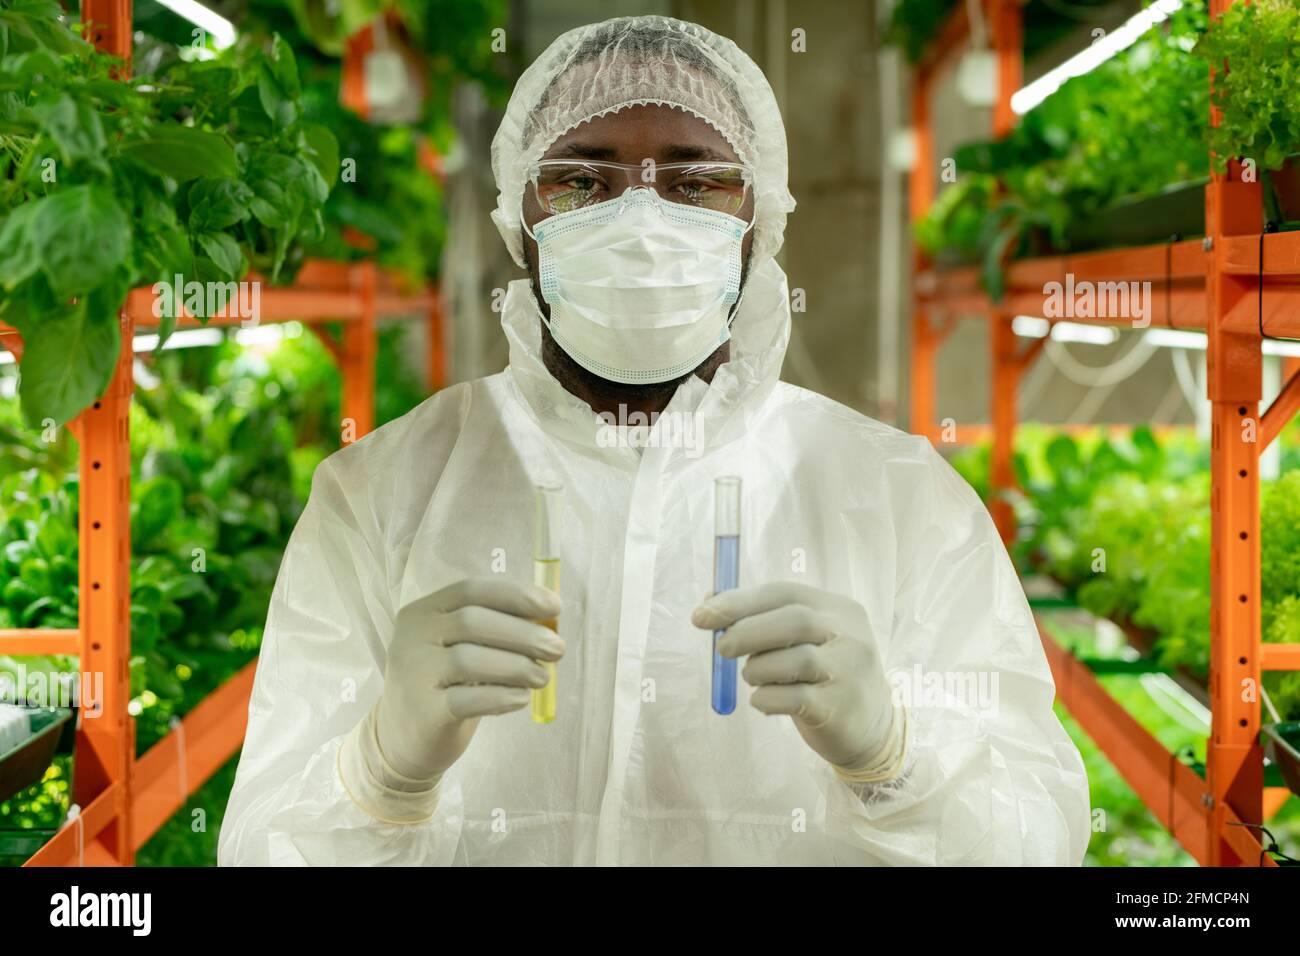 Ritratto di un giovane coltivatore afroamericano in berretto, maschera e occhiali di sicurezza in piedi con provette di liquidi colorati in azienda verticale Foto Stock